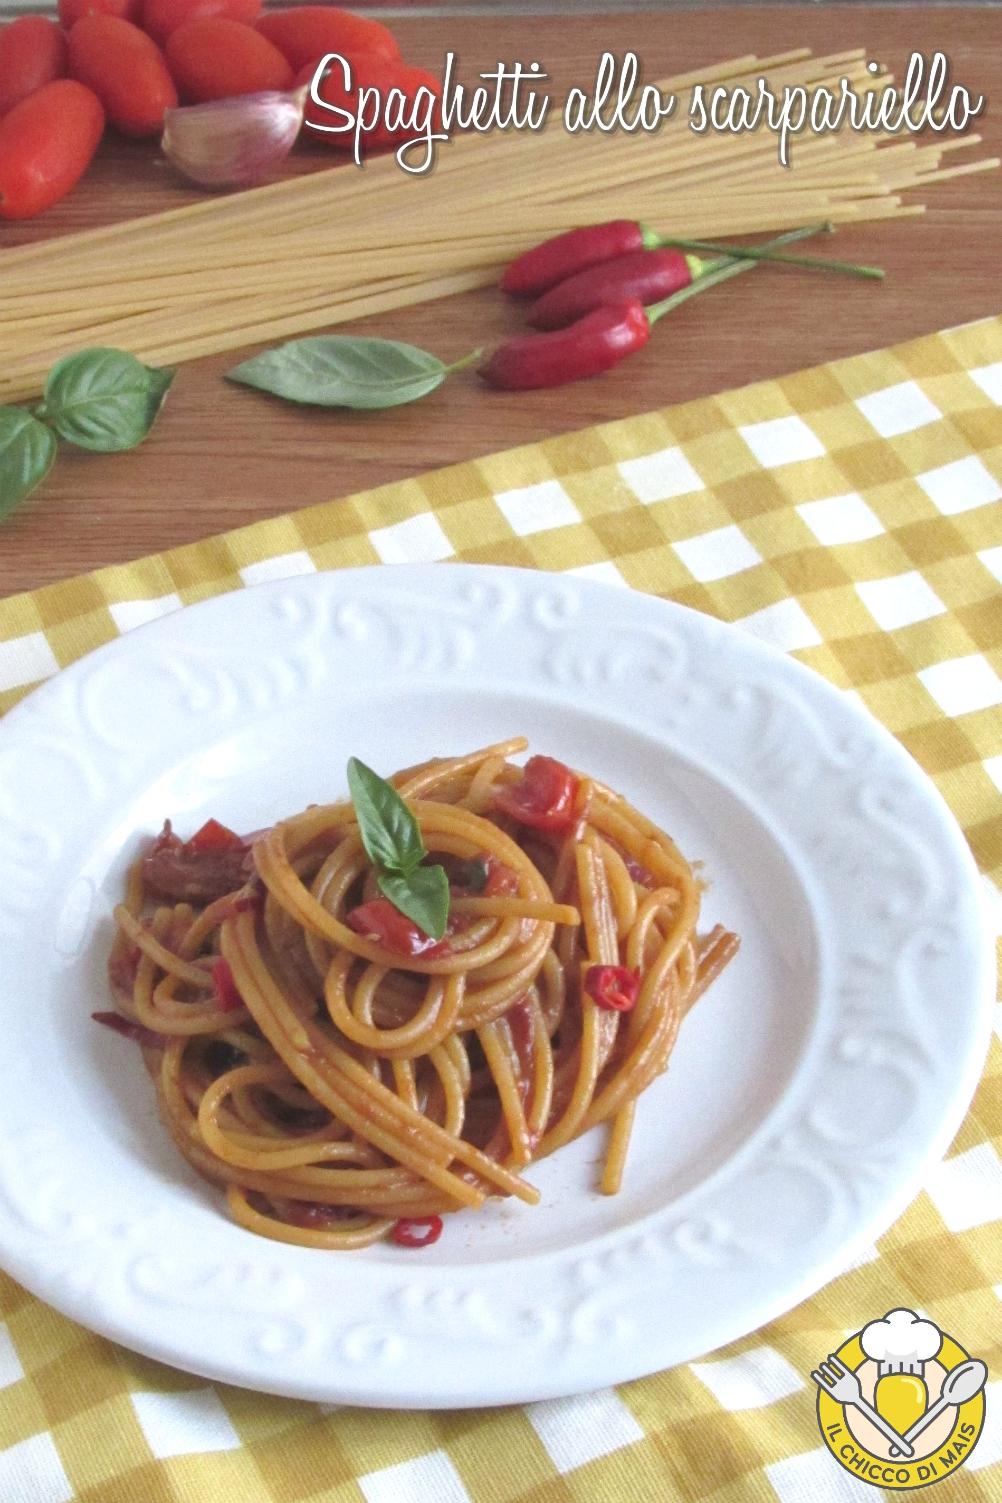 v_ spaghetti allo scarpariello ricetta tradizioinale napoletana con pomodorini parmigiano pecorino il chicco di mais